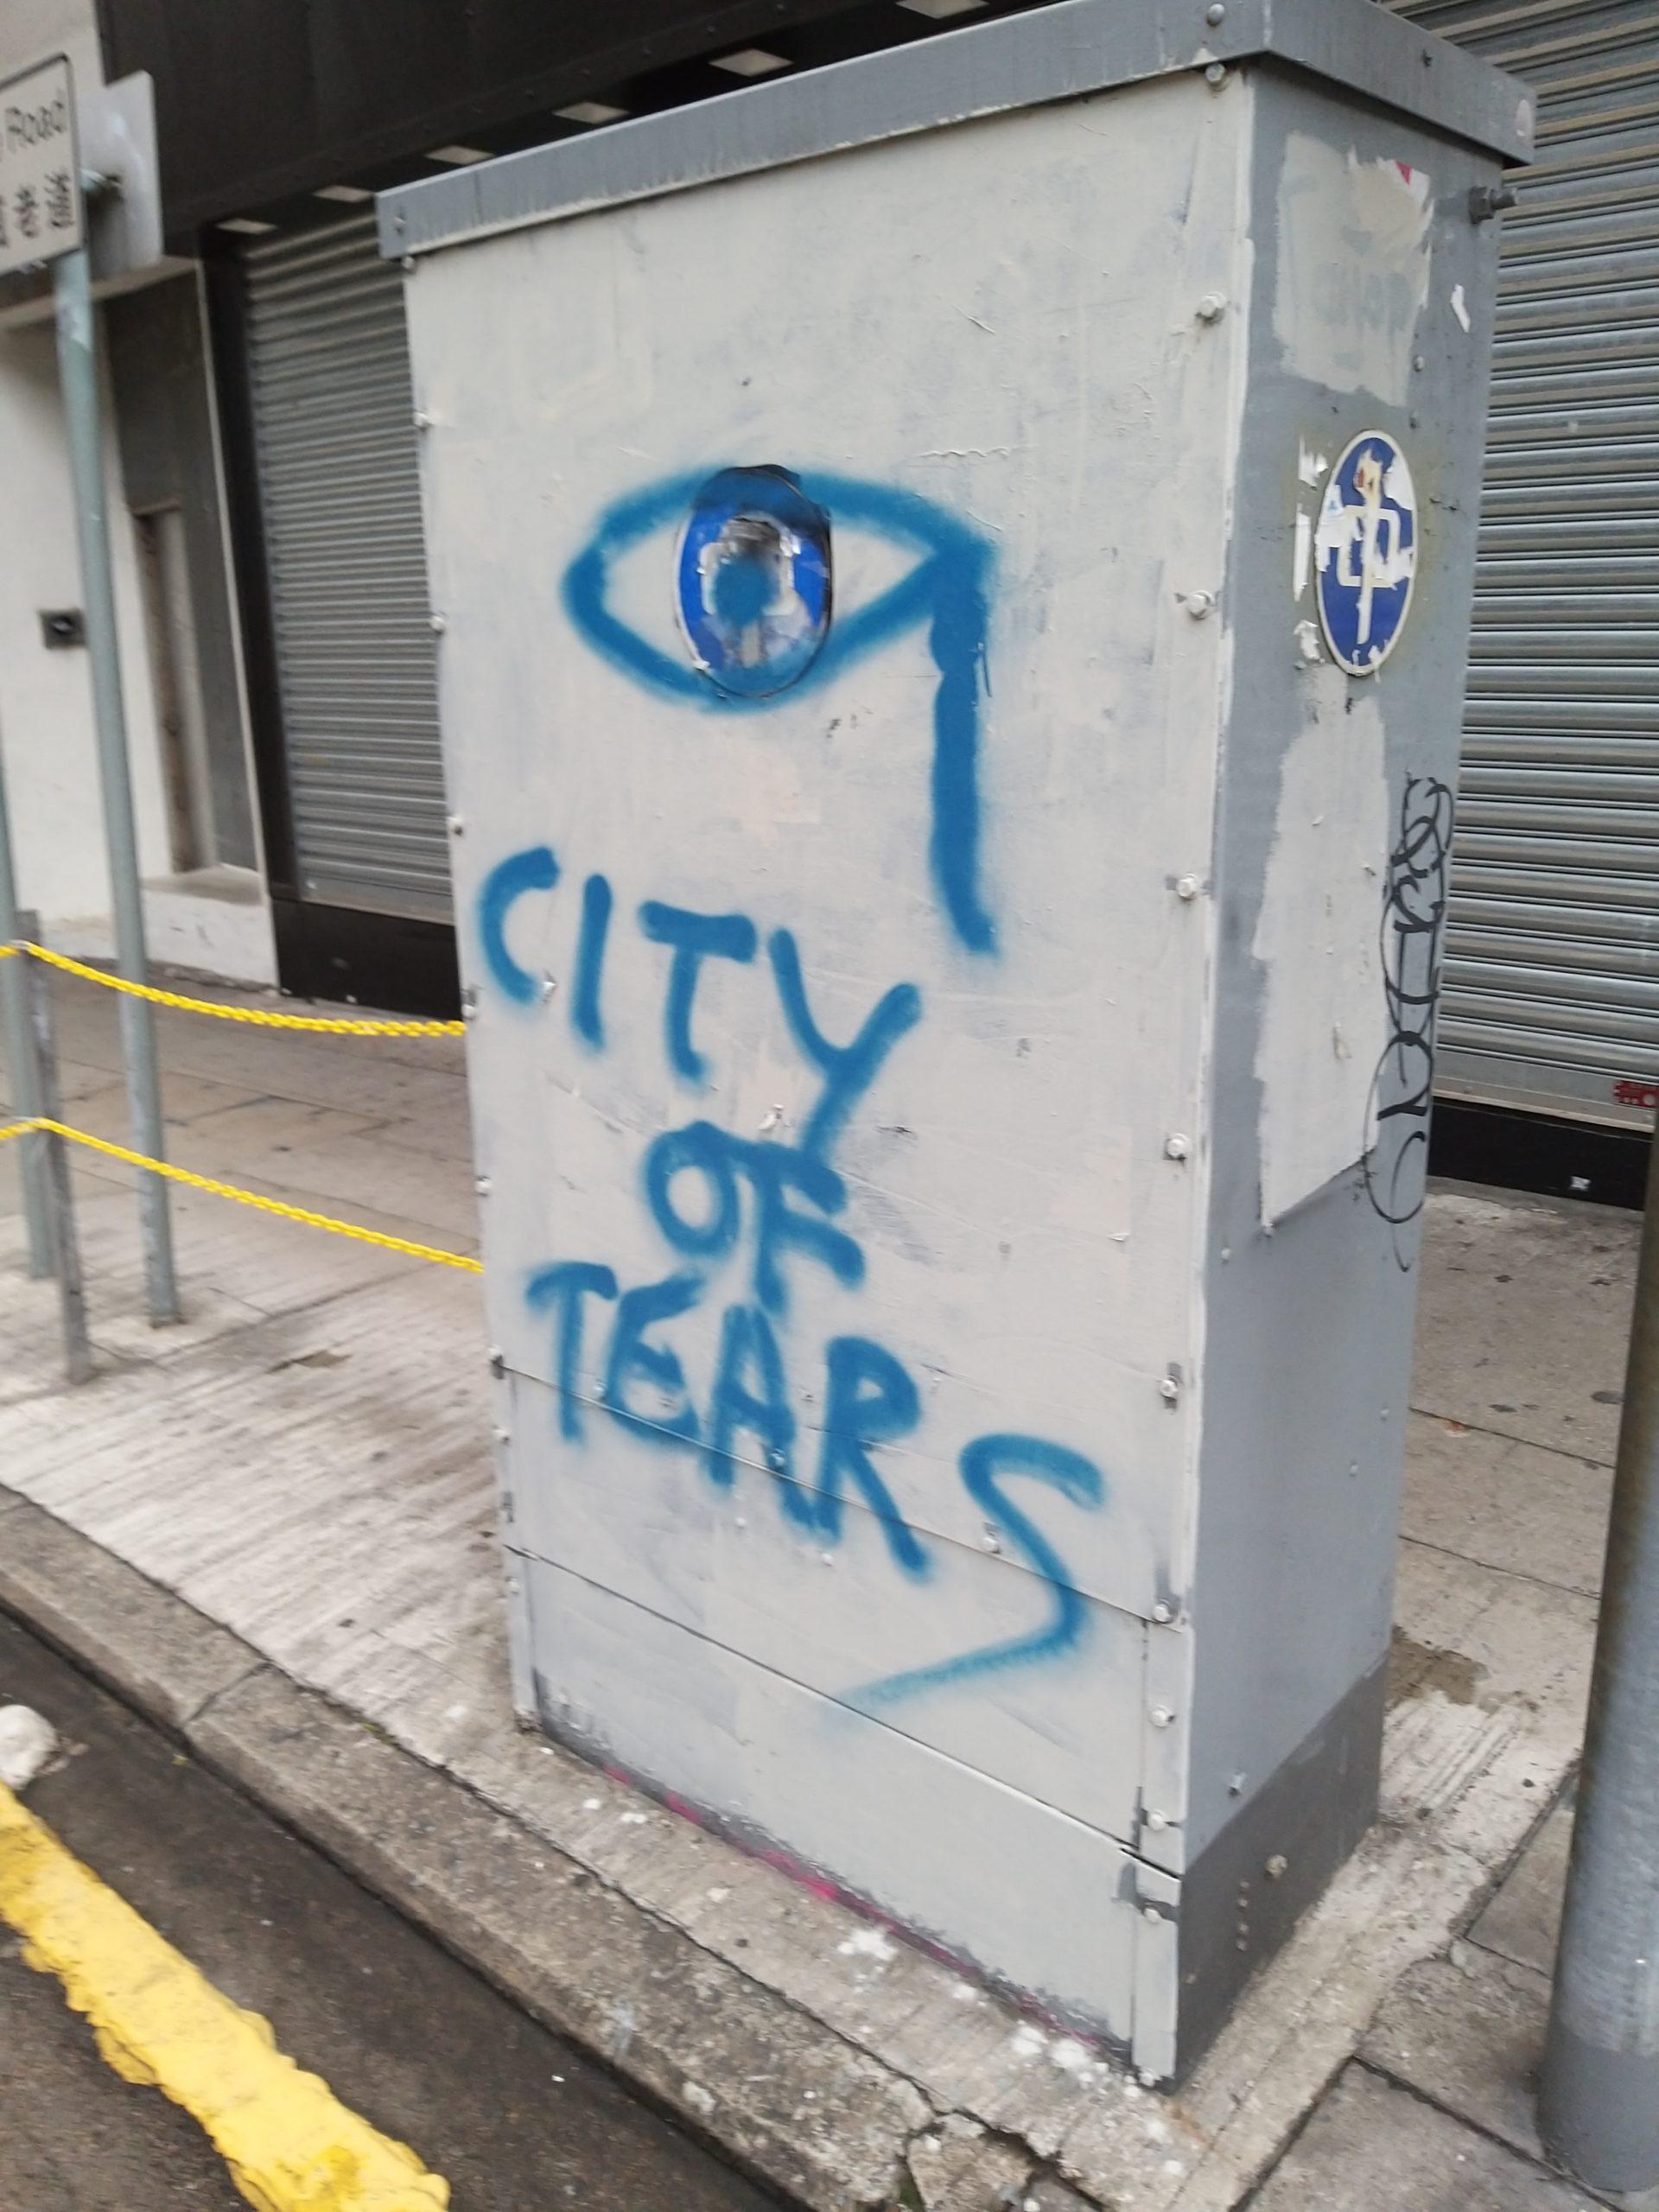 Hong_Kong_Judy_Chan_Protest_graffiti.jpg